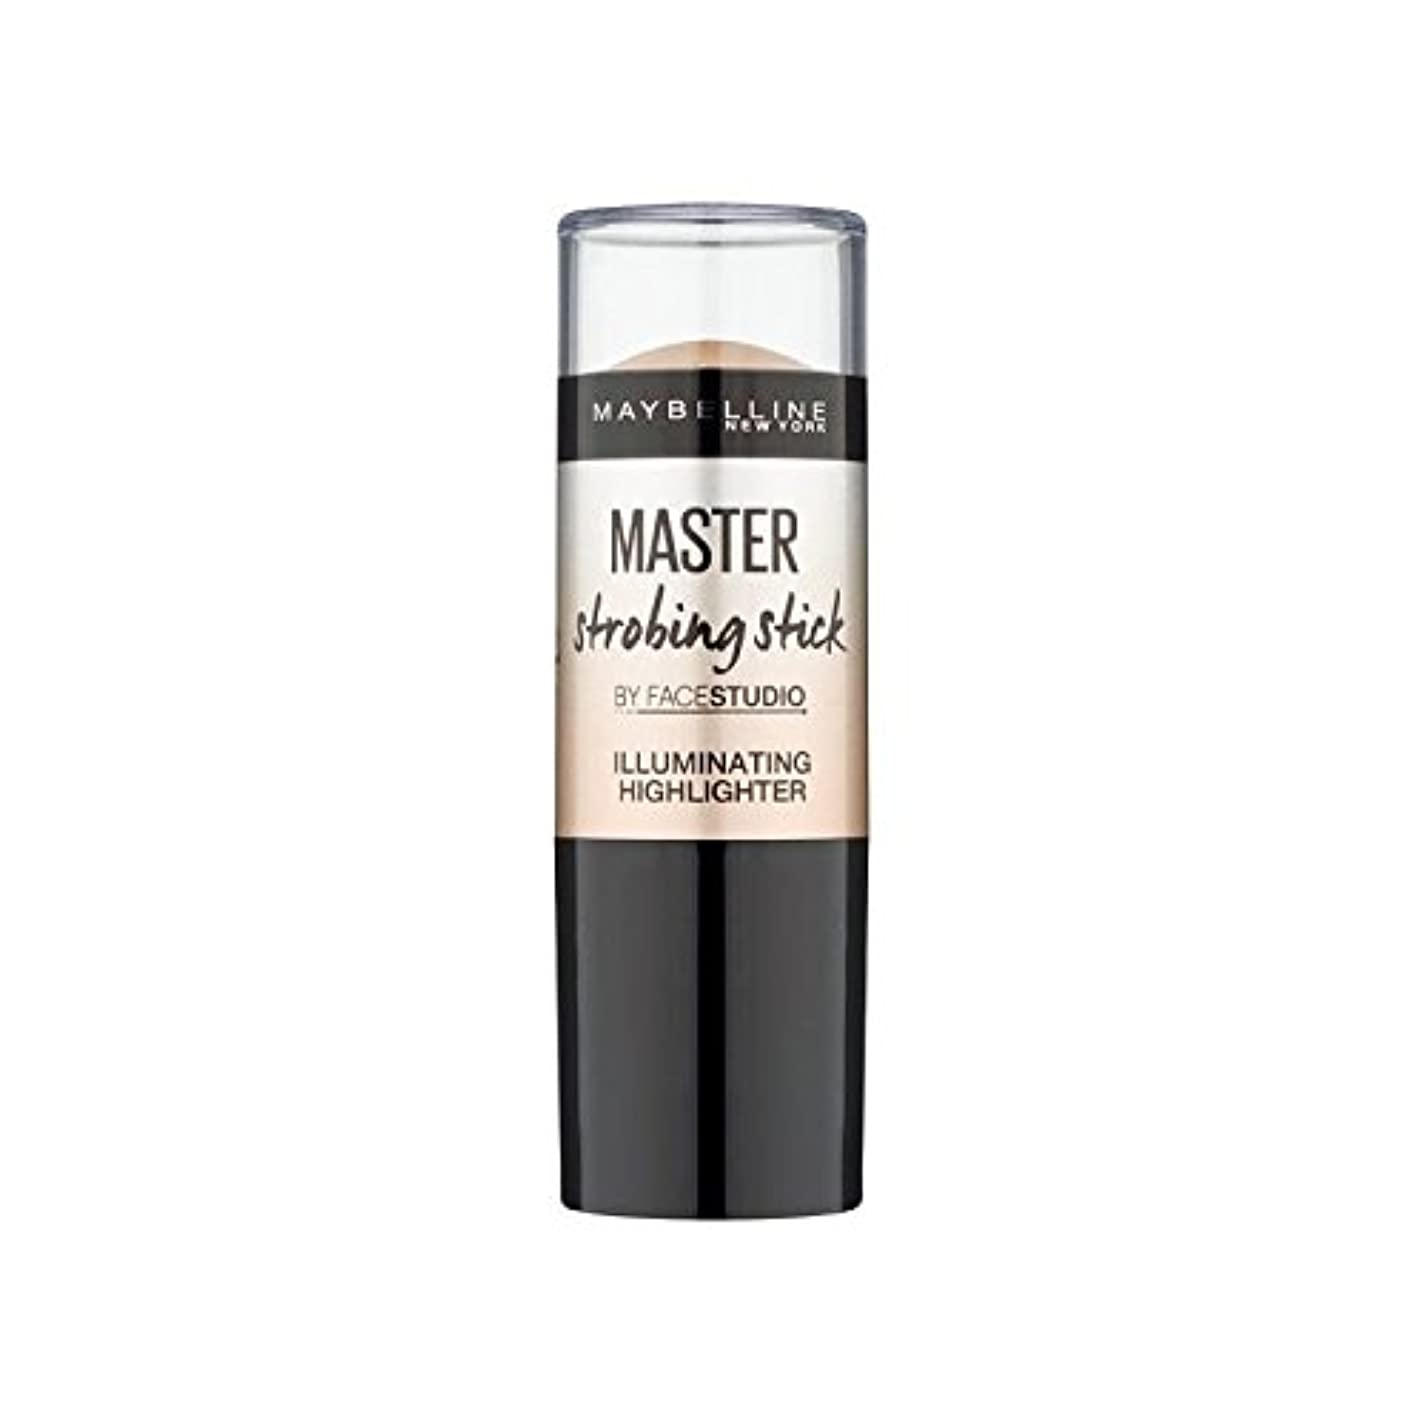 胆嚢カフェテリア電報メイベリンマスターストロボスティック媒体 x2 - Maybelline Master Strobing Stick Medium (Pack of 2) [並行輸入品]